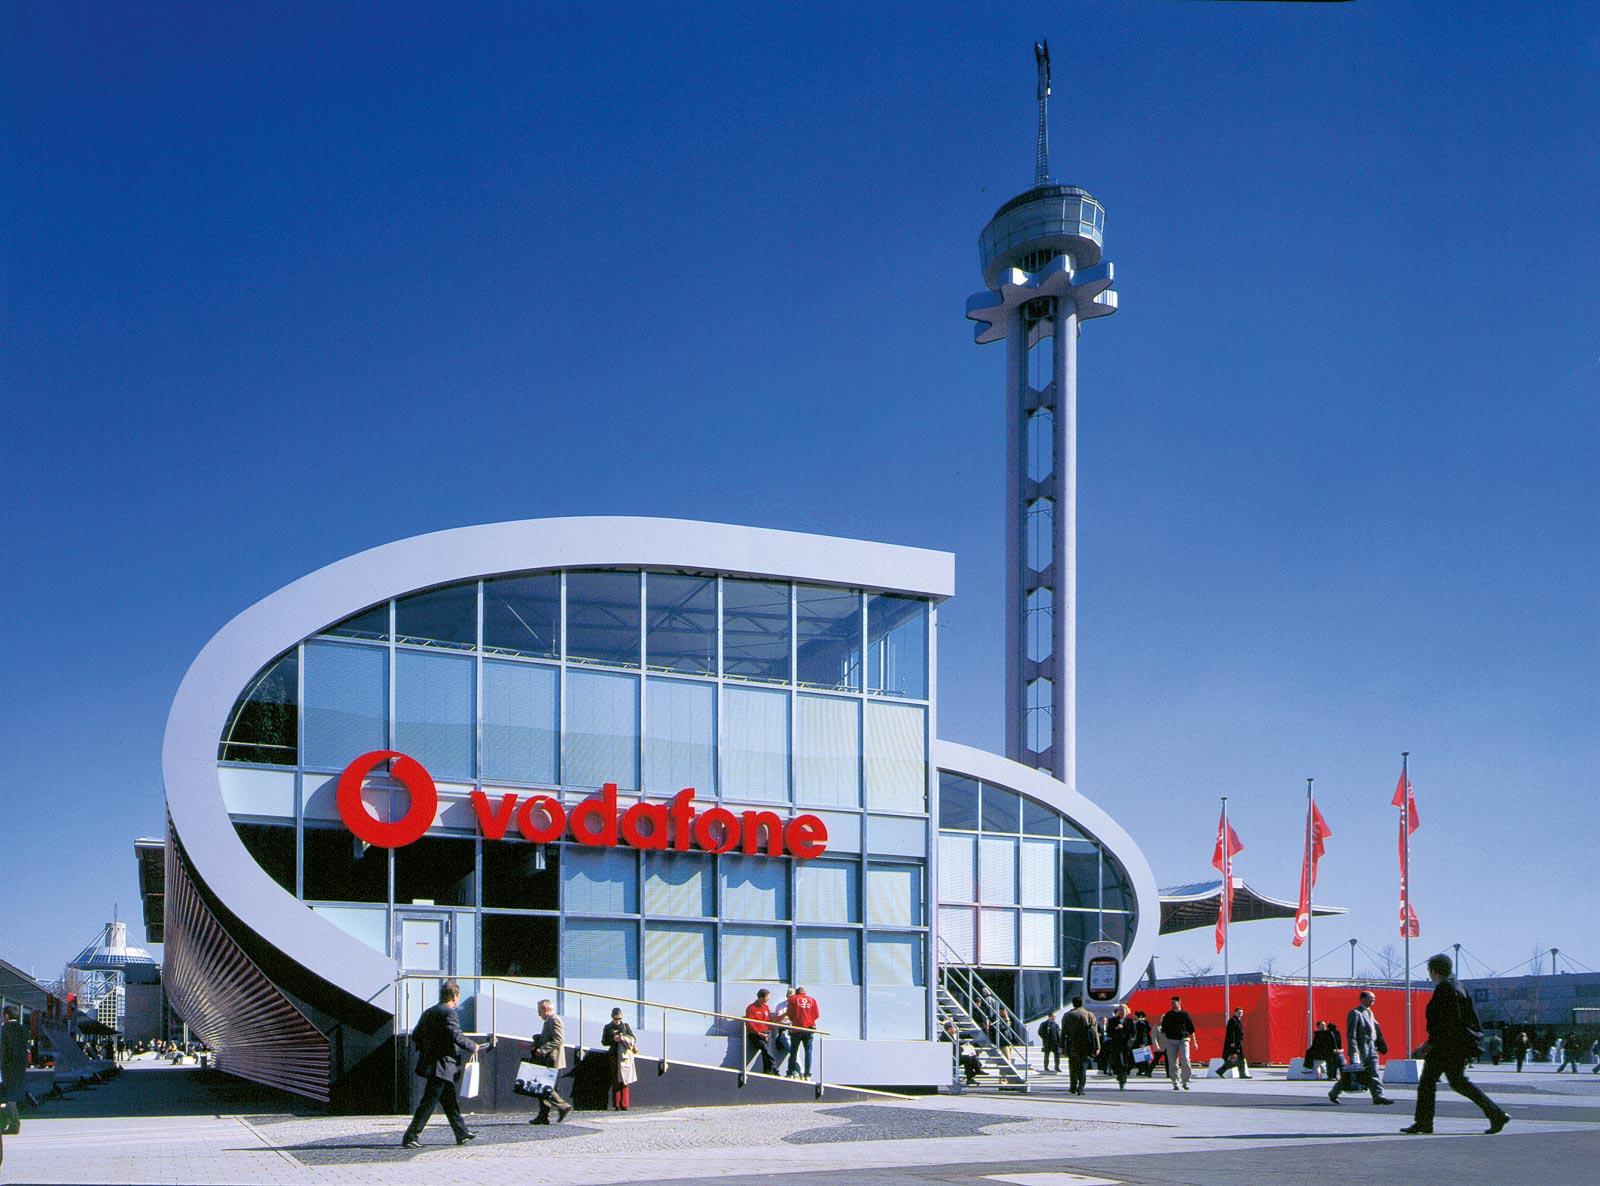 Messehalle Vodafone_2